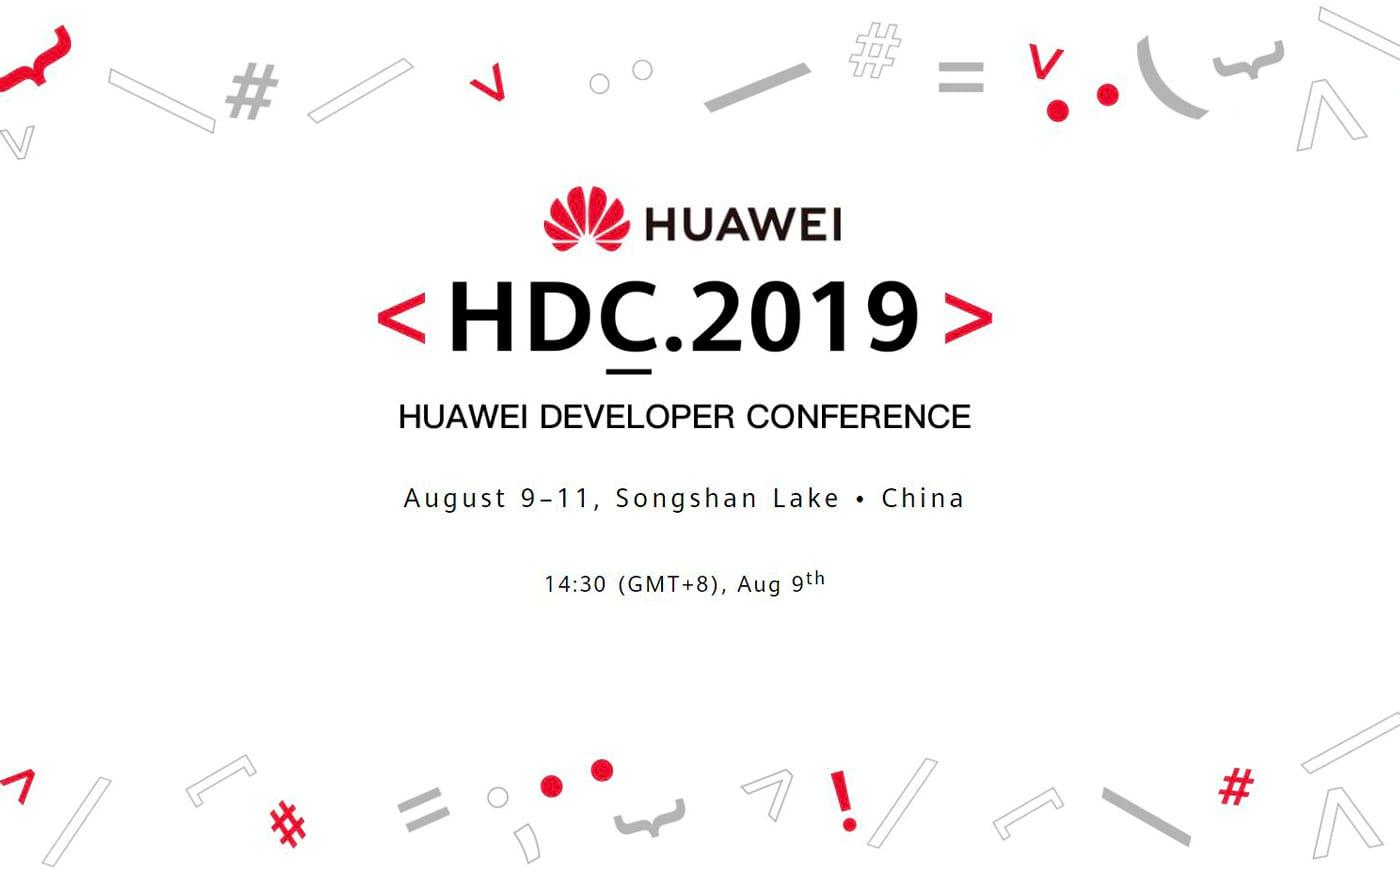 Huawei EMUI 10.0 chega a partir de 9 de agosto baseado no Android Q